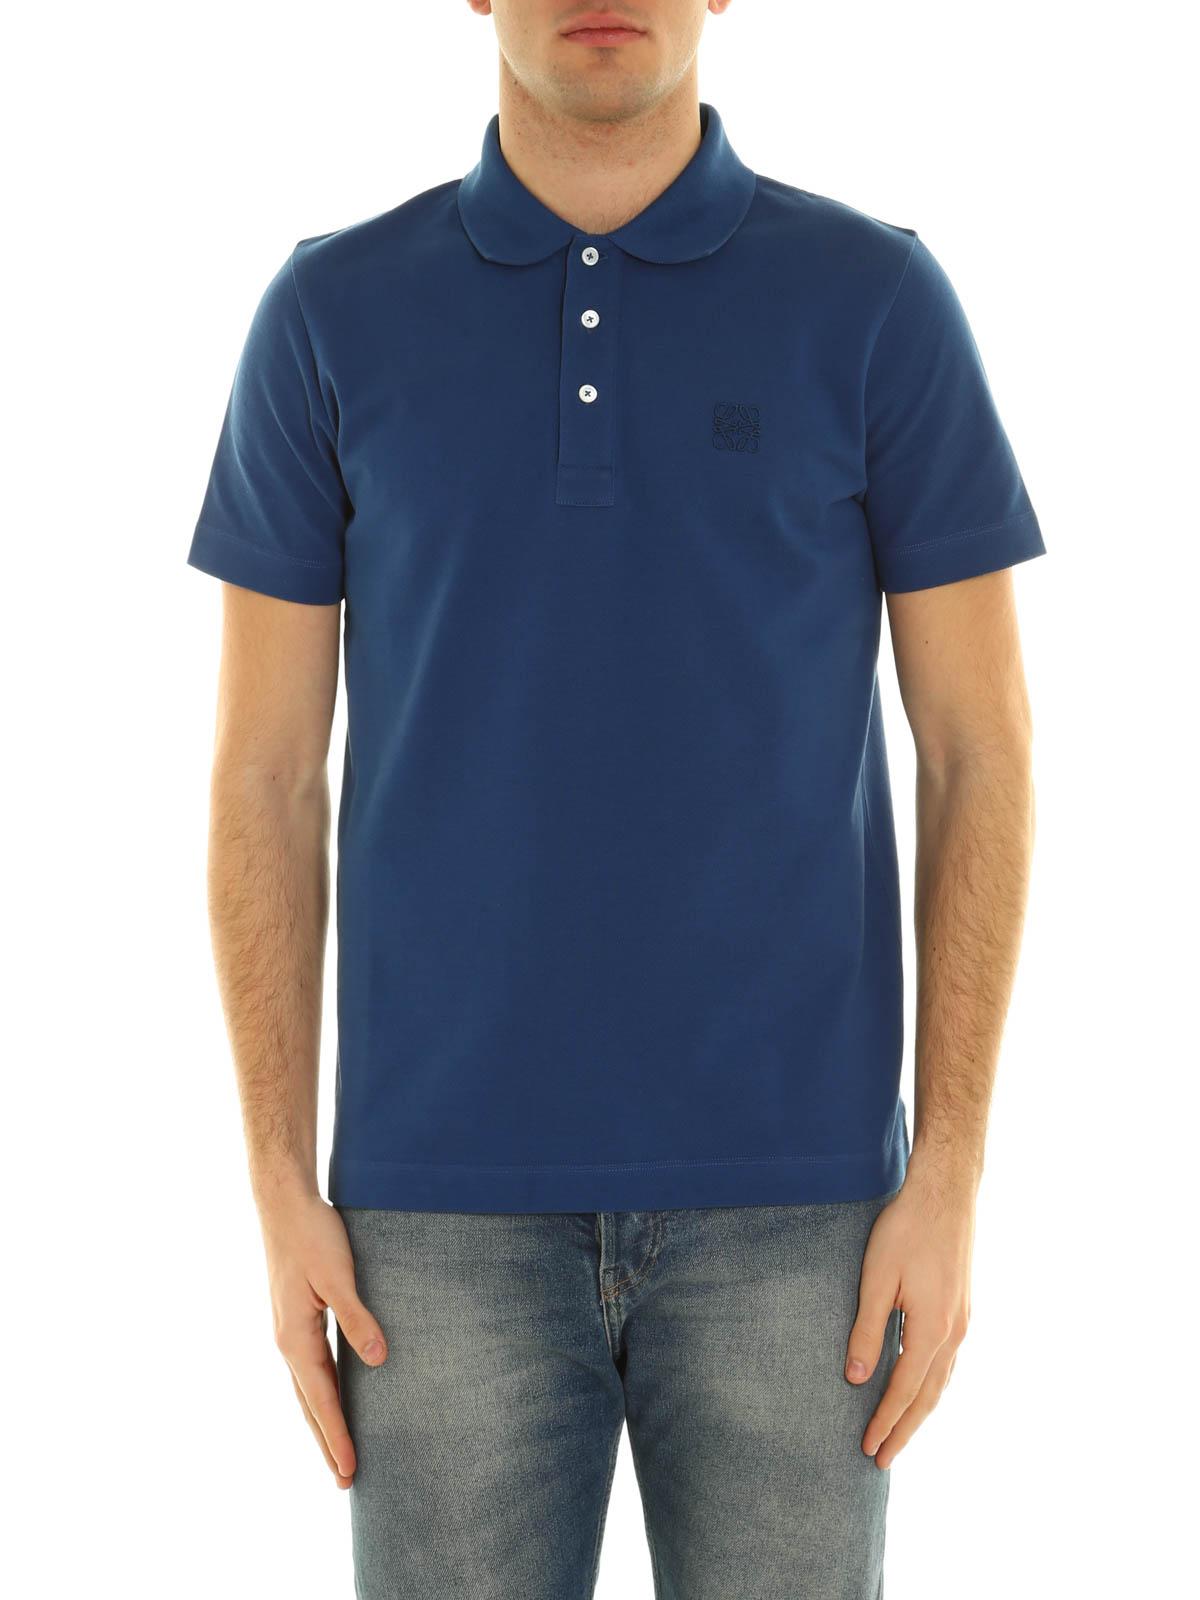 Loewe Embroidered Logo Polo Shirt Polo Shirts H2179820cr5290